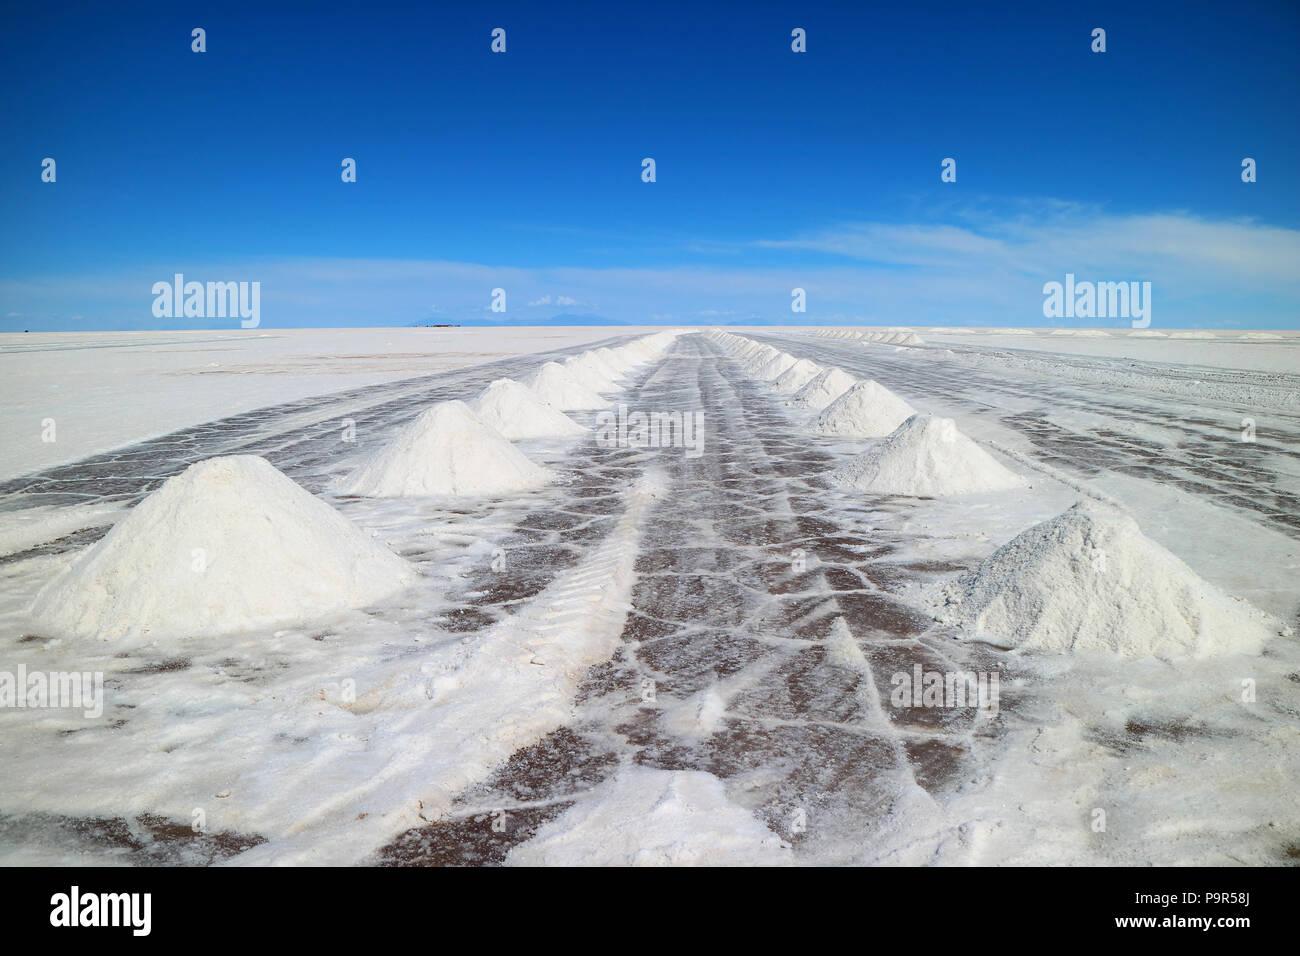 Vista en perspectiva de secado montones de sal en el salar de Uyuni o Salar de Uyuni en Potosí, Bolivia, América del Sur Imagen De Stock